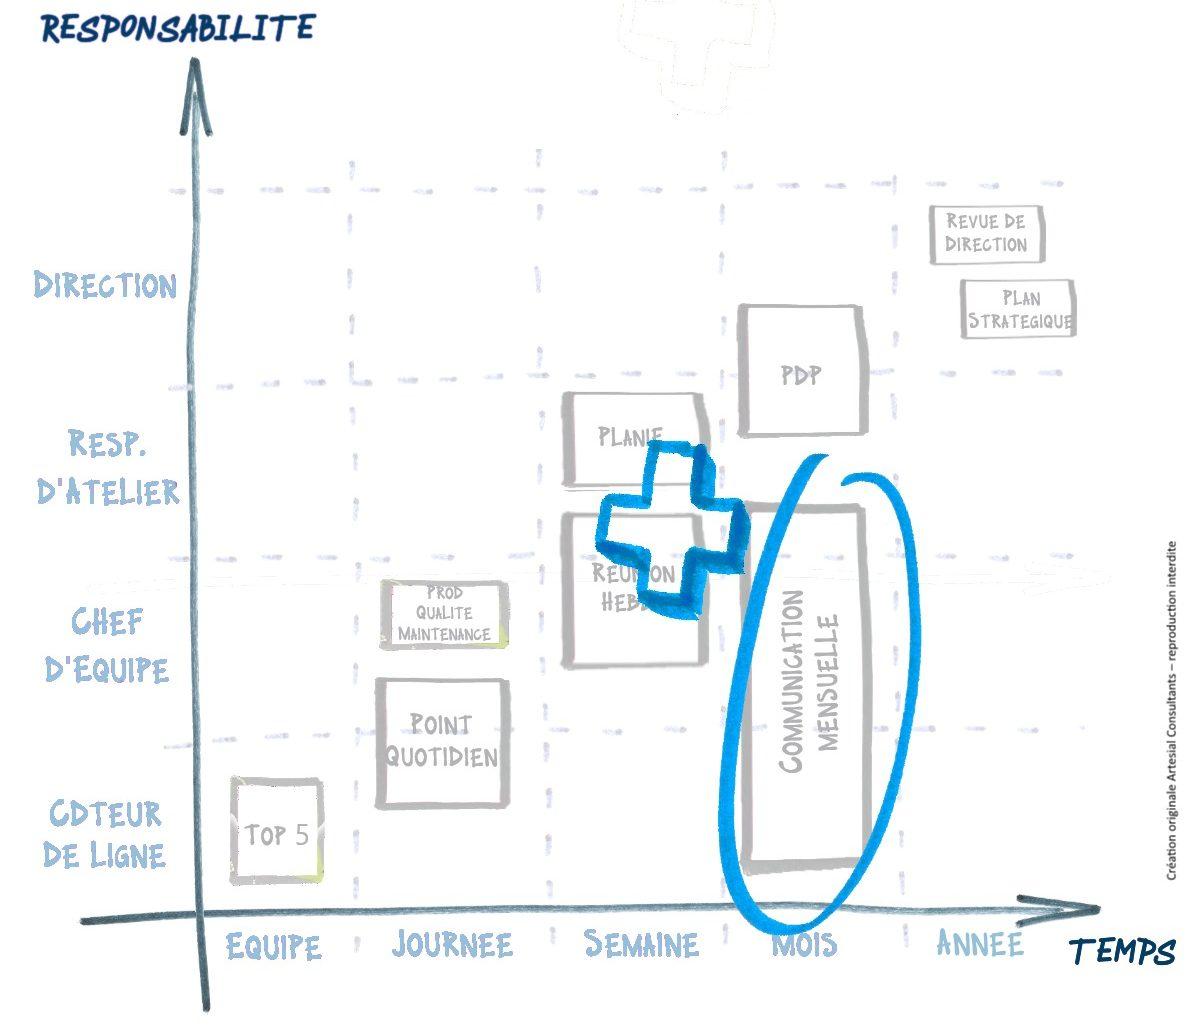 Cartographie des rituels - renforcer les rituels de communication